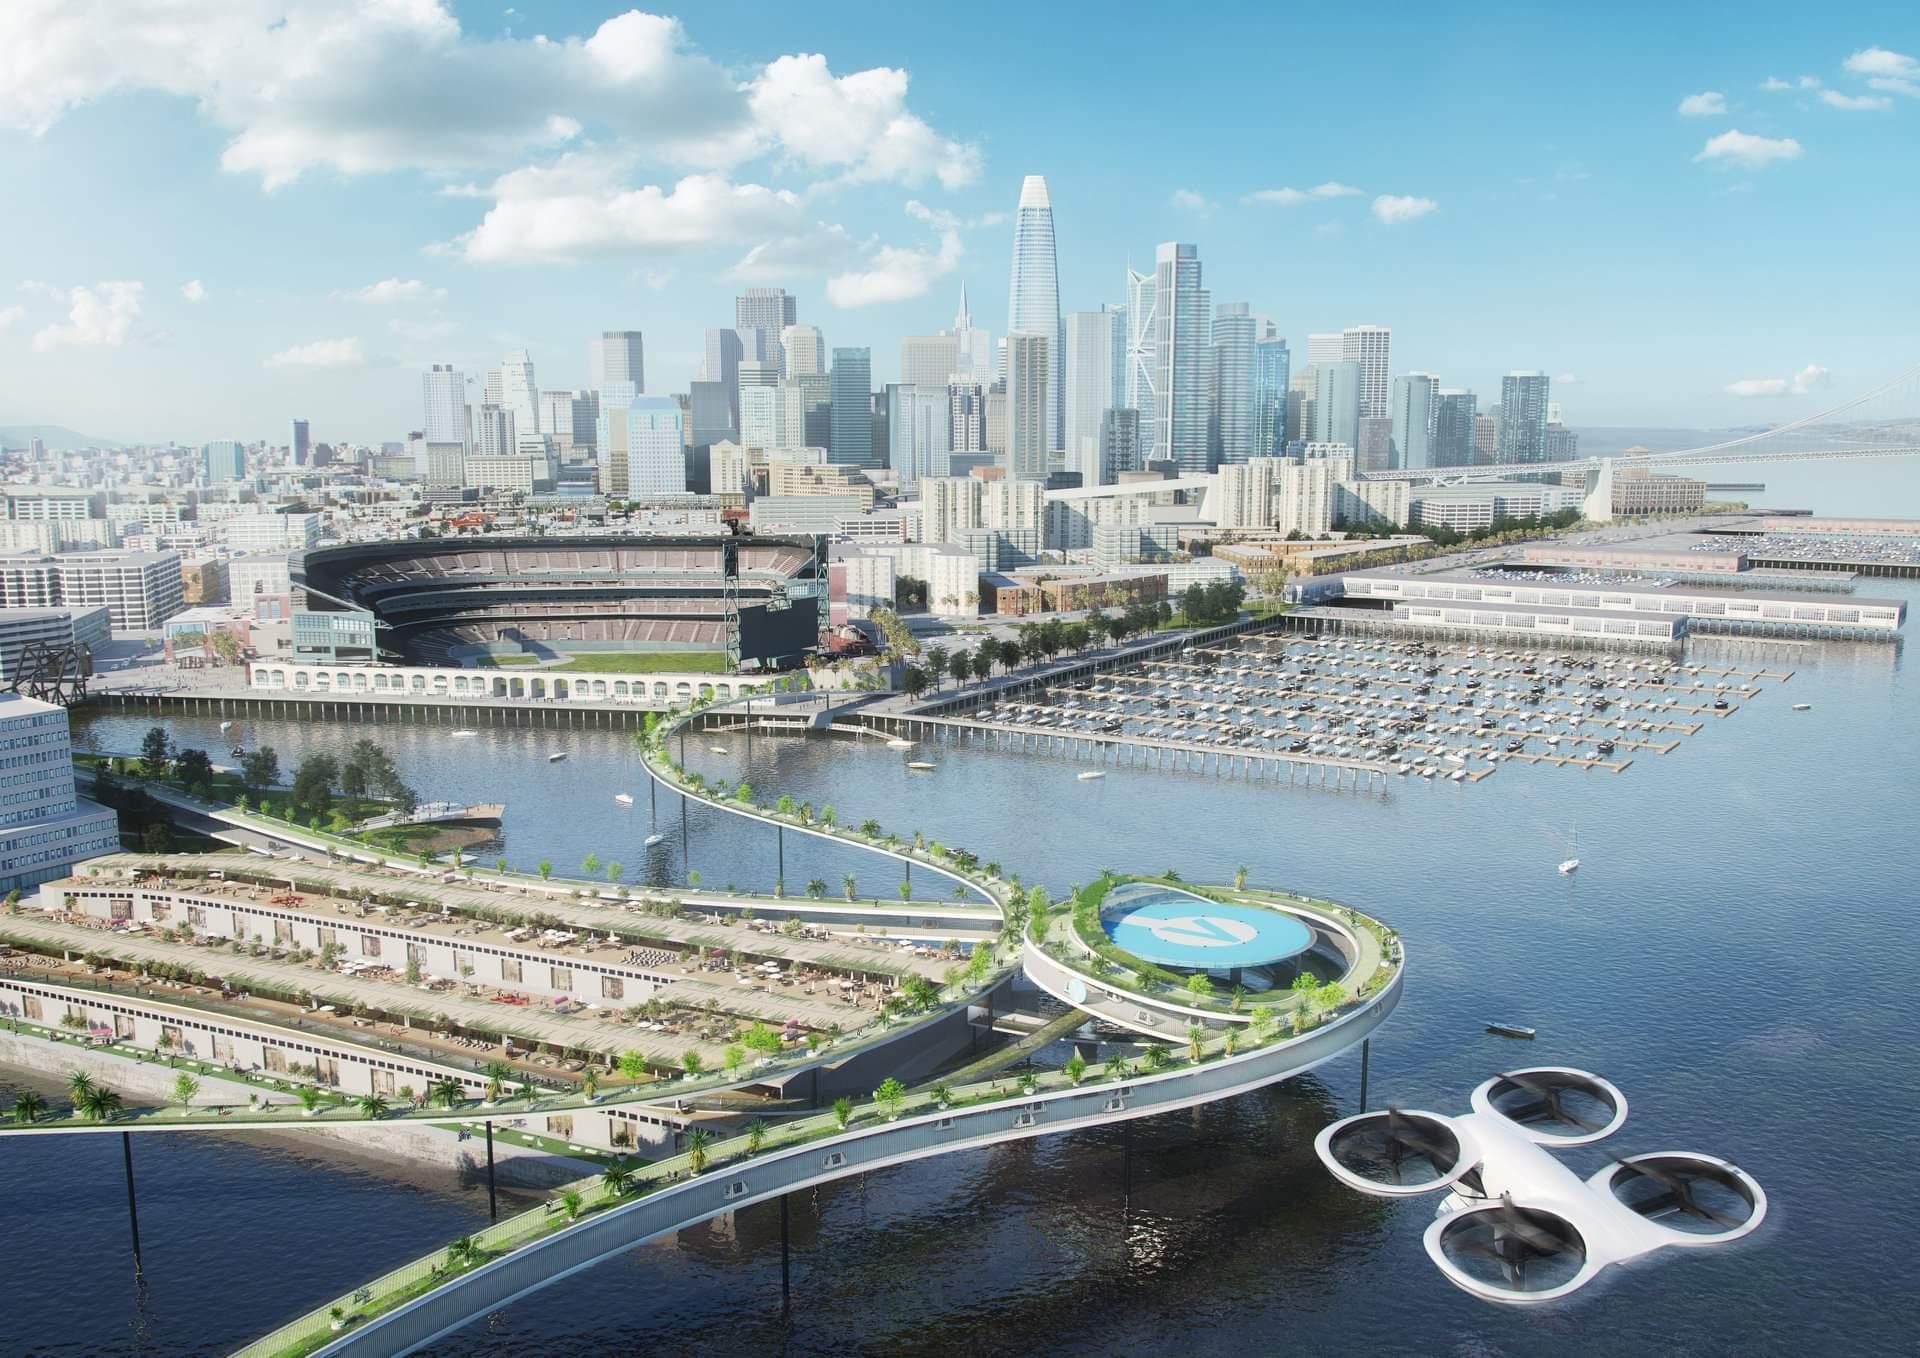 Így fog kinézni a jövő városa, ahol mindenki repülő autóval közlekedik -  Rakéta